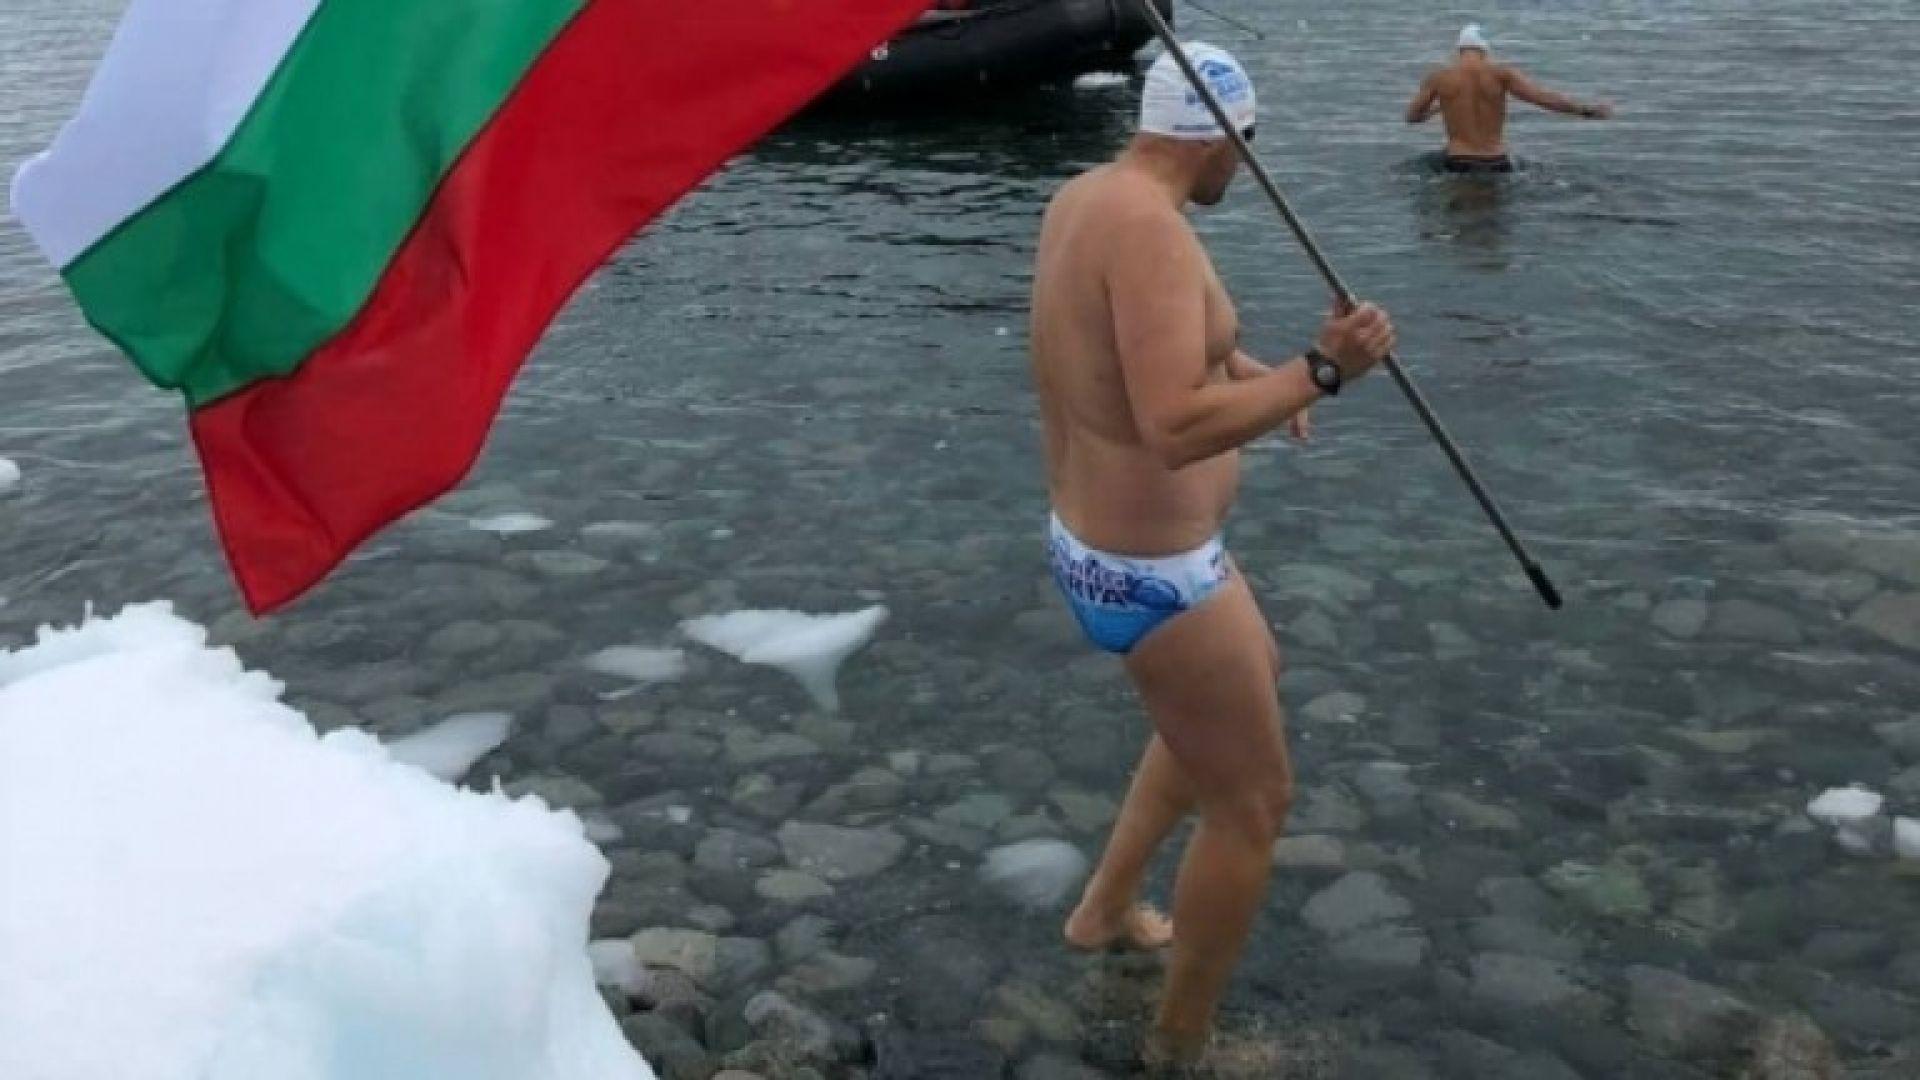 Петър Стойчев след леденото изпитание: Сбъднах мечтата си